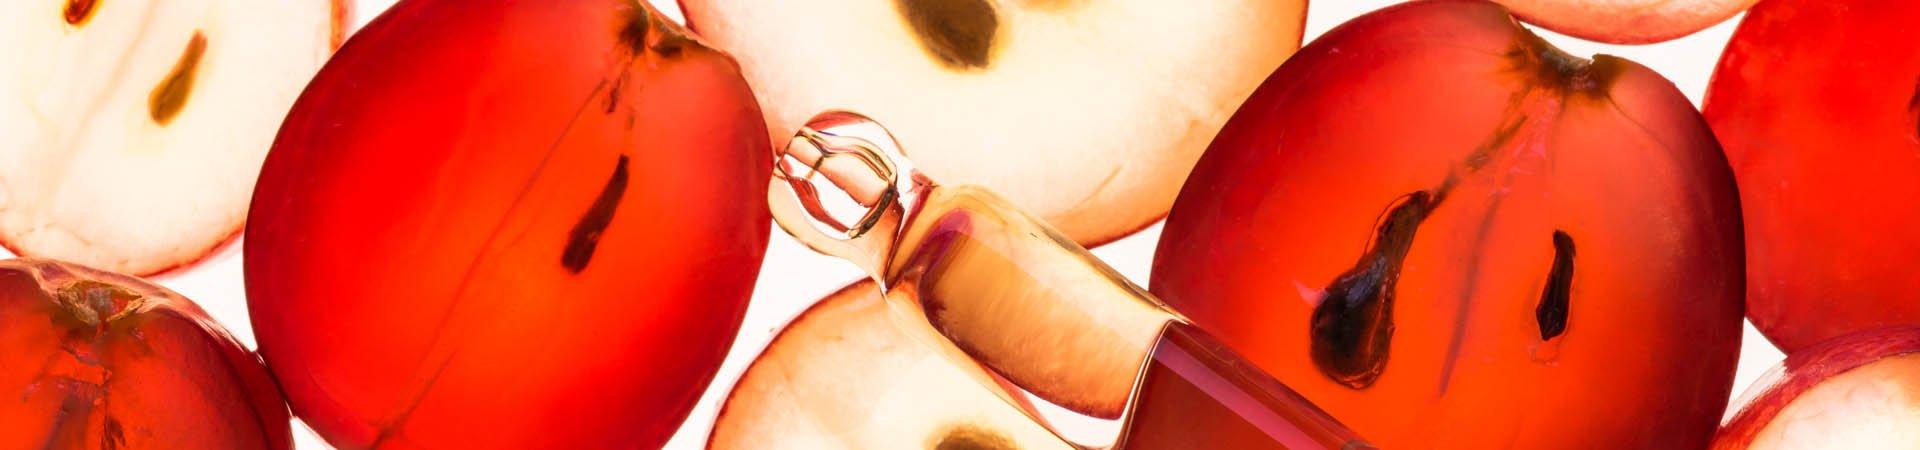 Σταφυλοθεραπεία (Wine Therapy)